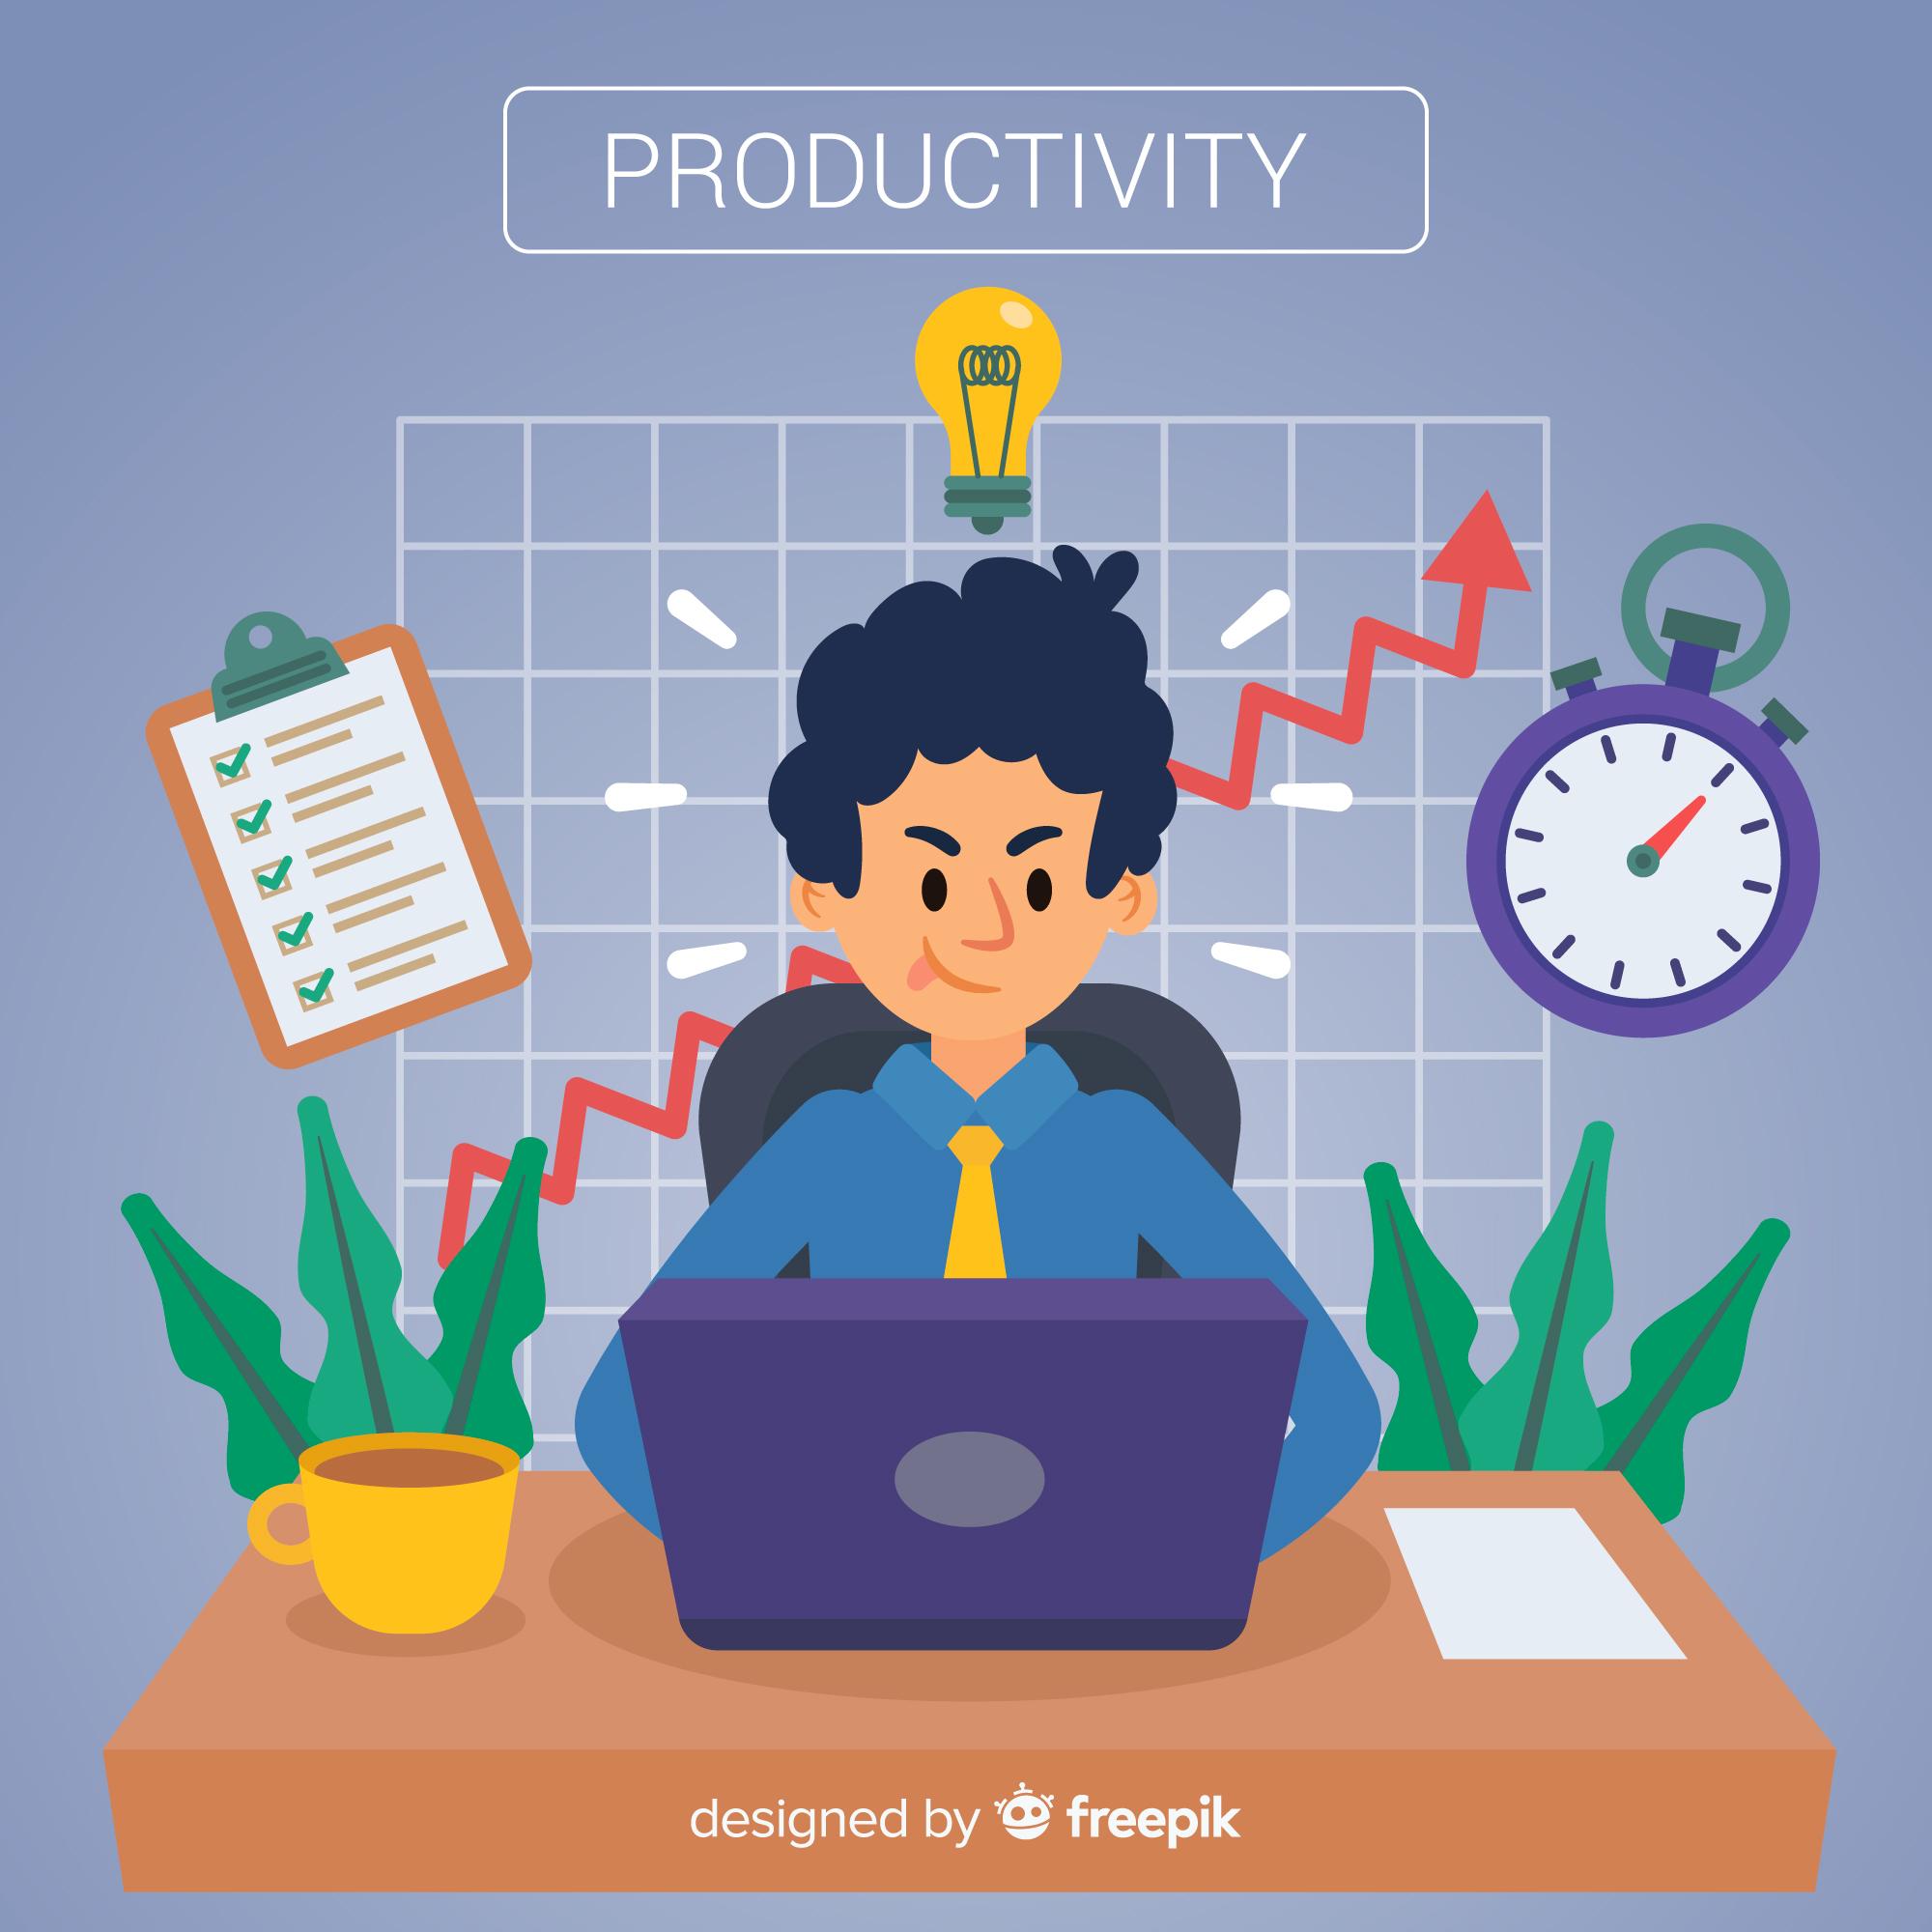 La productivité est notre capacité à produire quelque chose